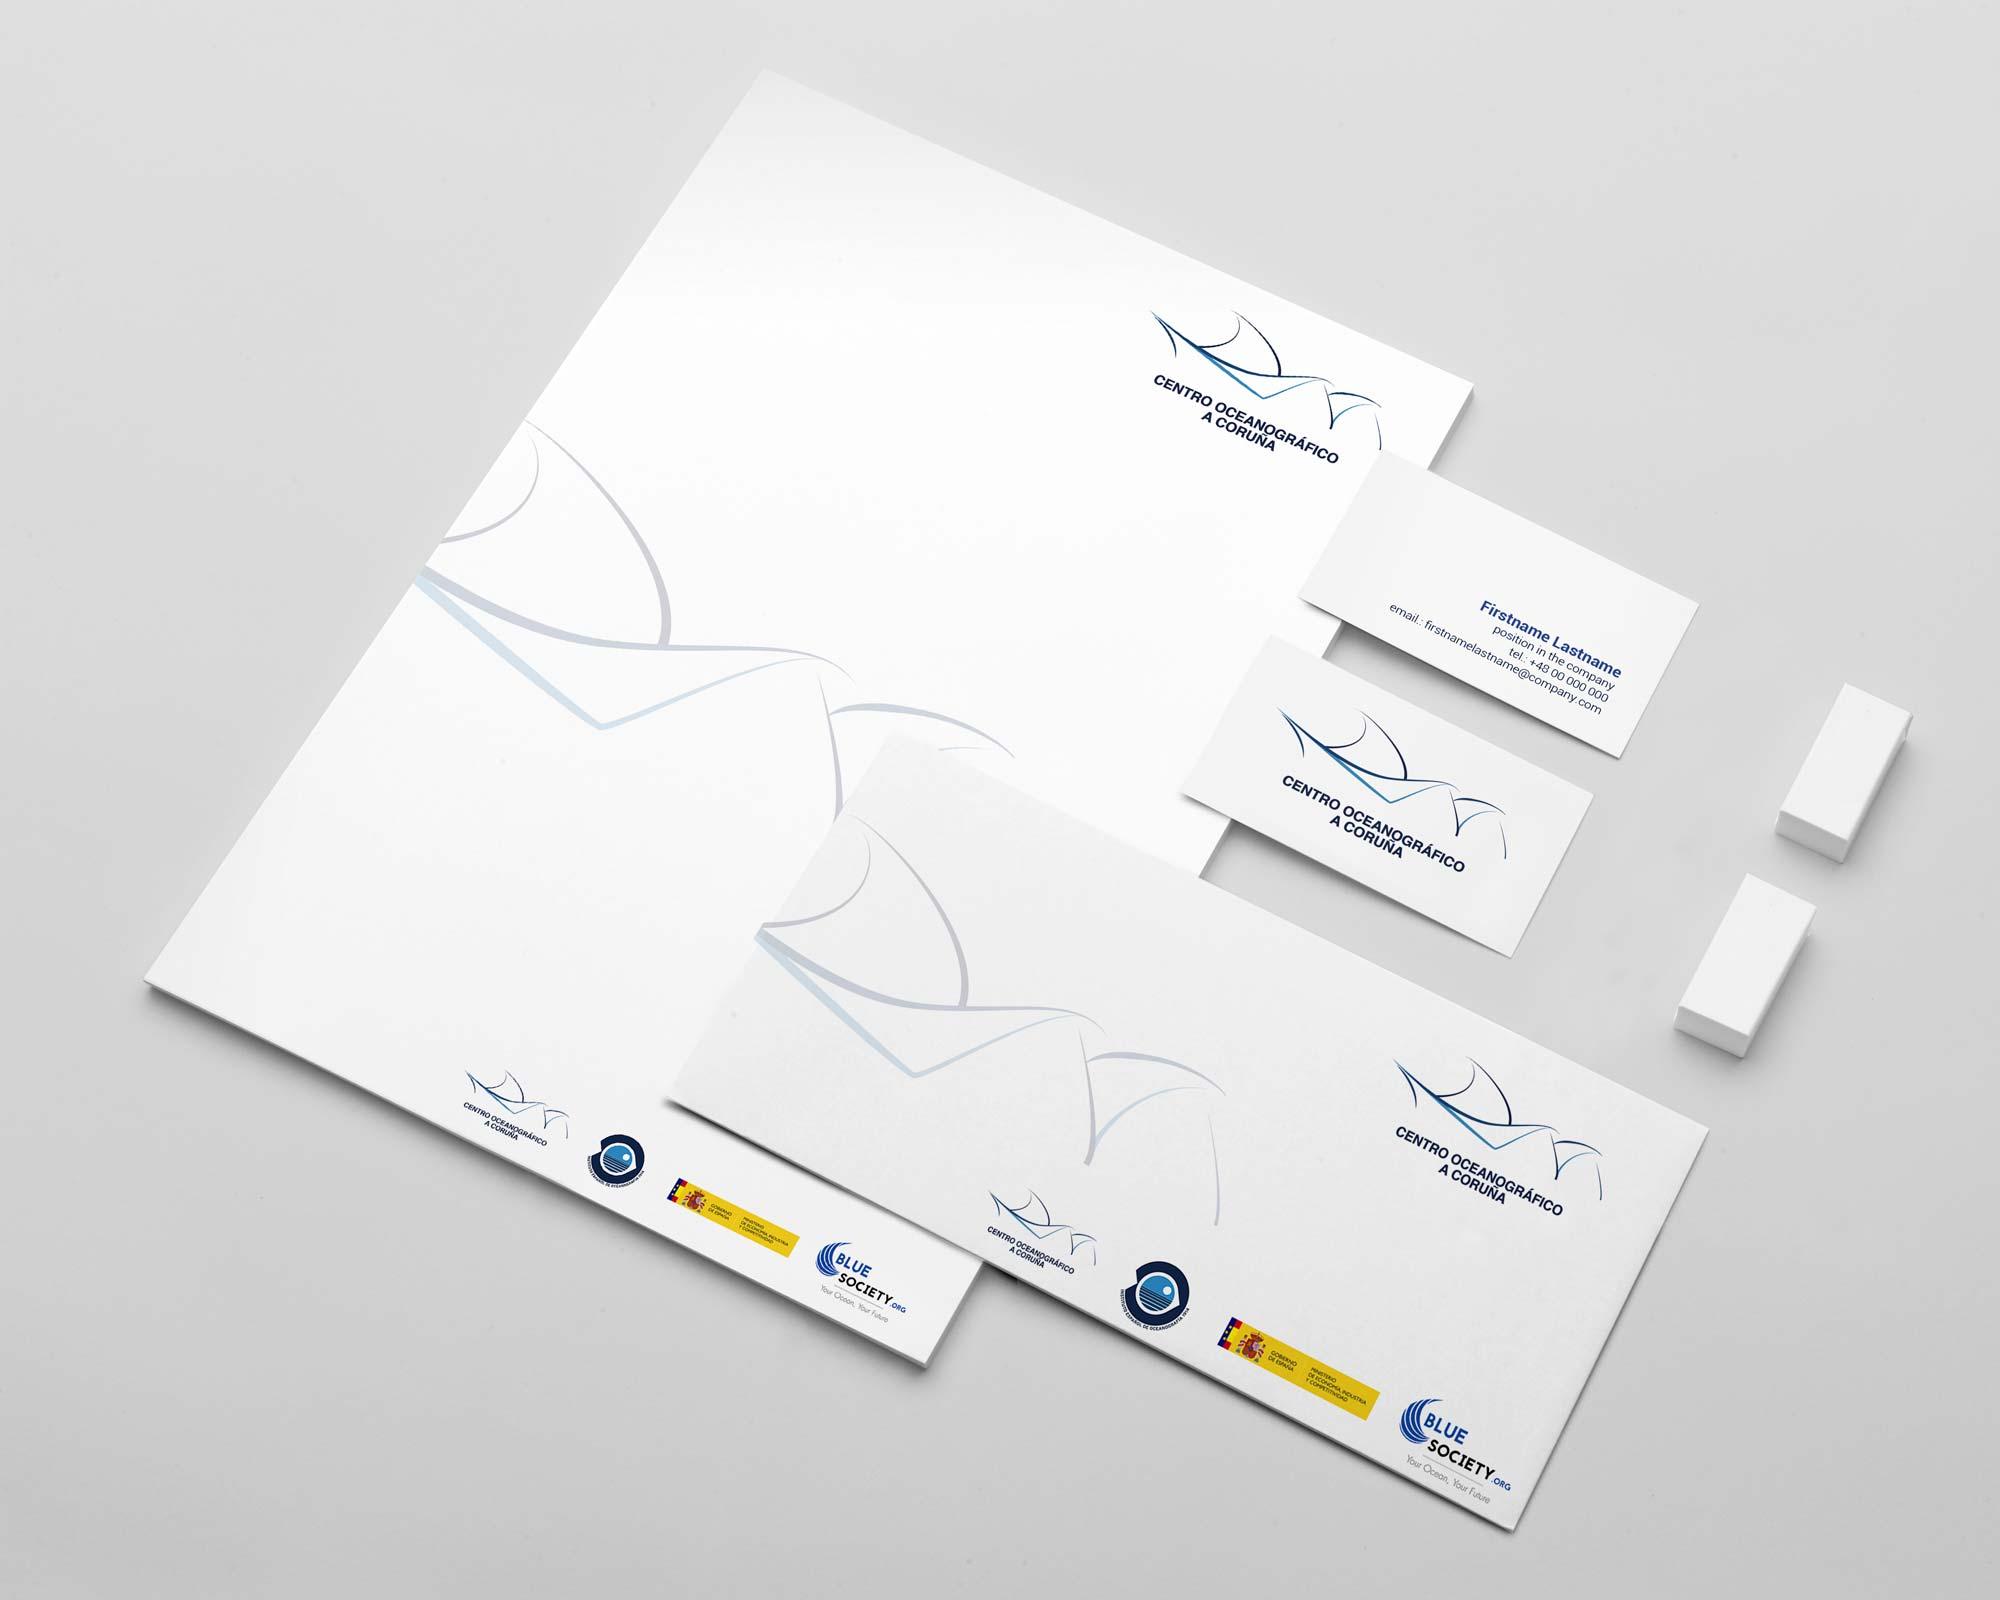 imagen-papeleria-oceanografico